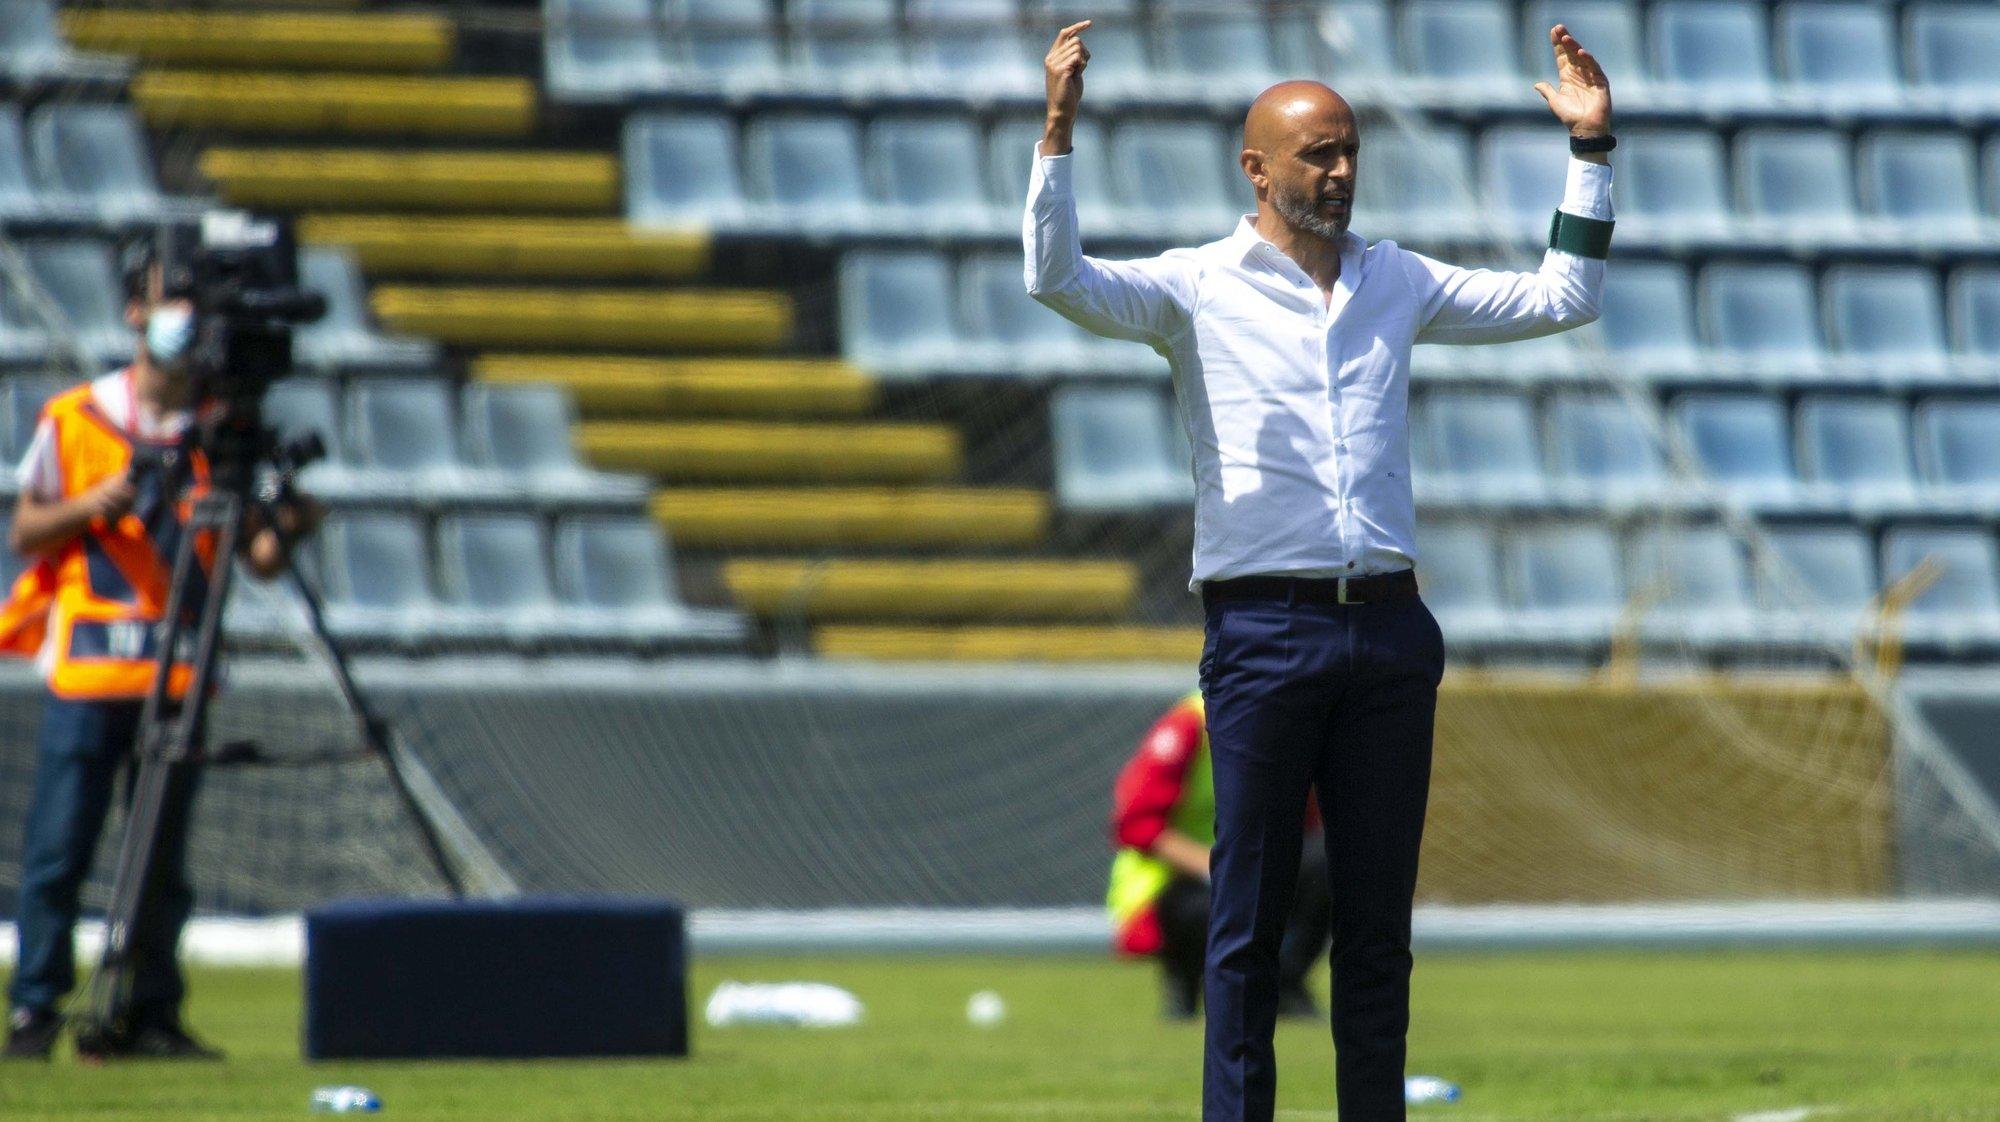 Miguel Cardoso, treinador do Rio Ave, durante o jogo da Primeira Liga de Futebol, disputado com o Santa Clara no Estádio de São Miguel em Ponta Delgada, 11 de maio de 2021. EDUARDO COSTA/LUSA